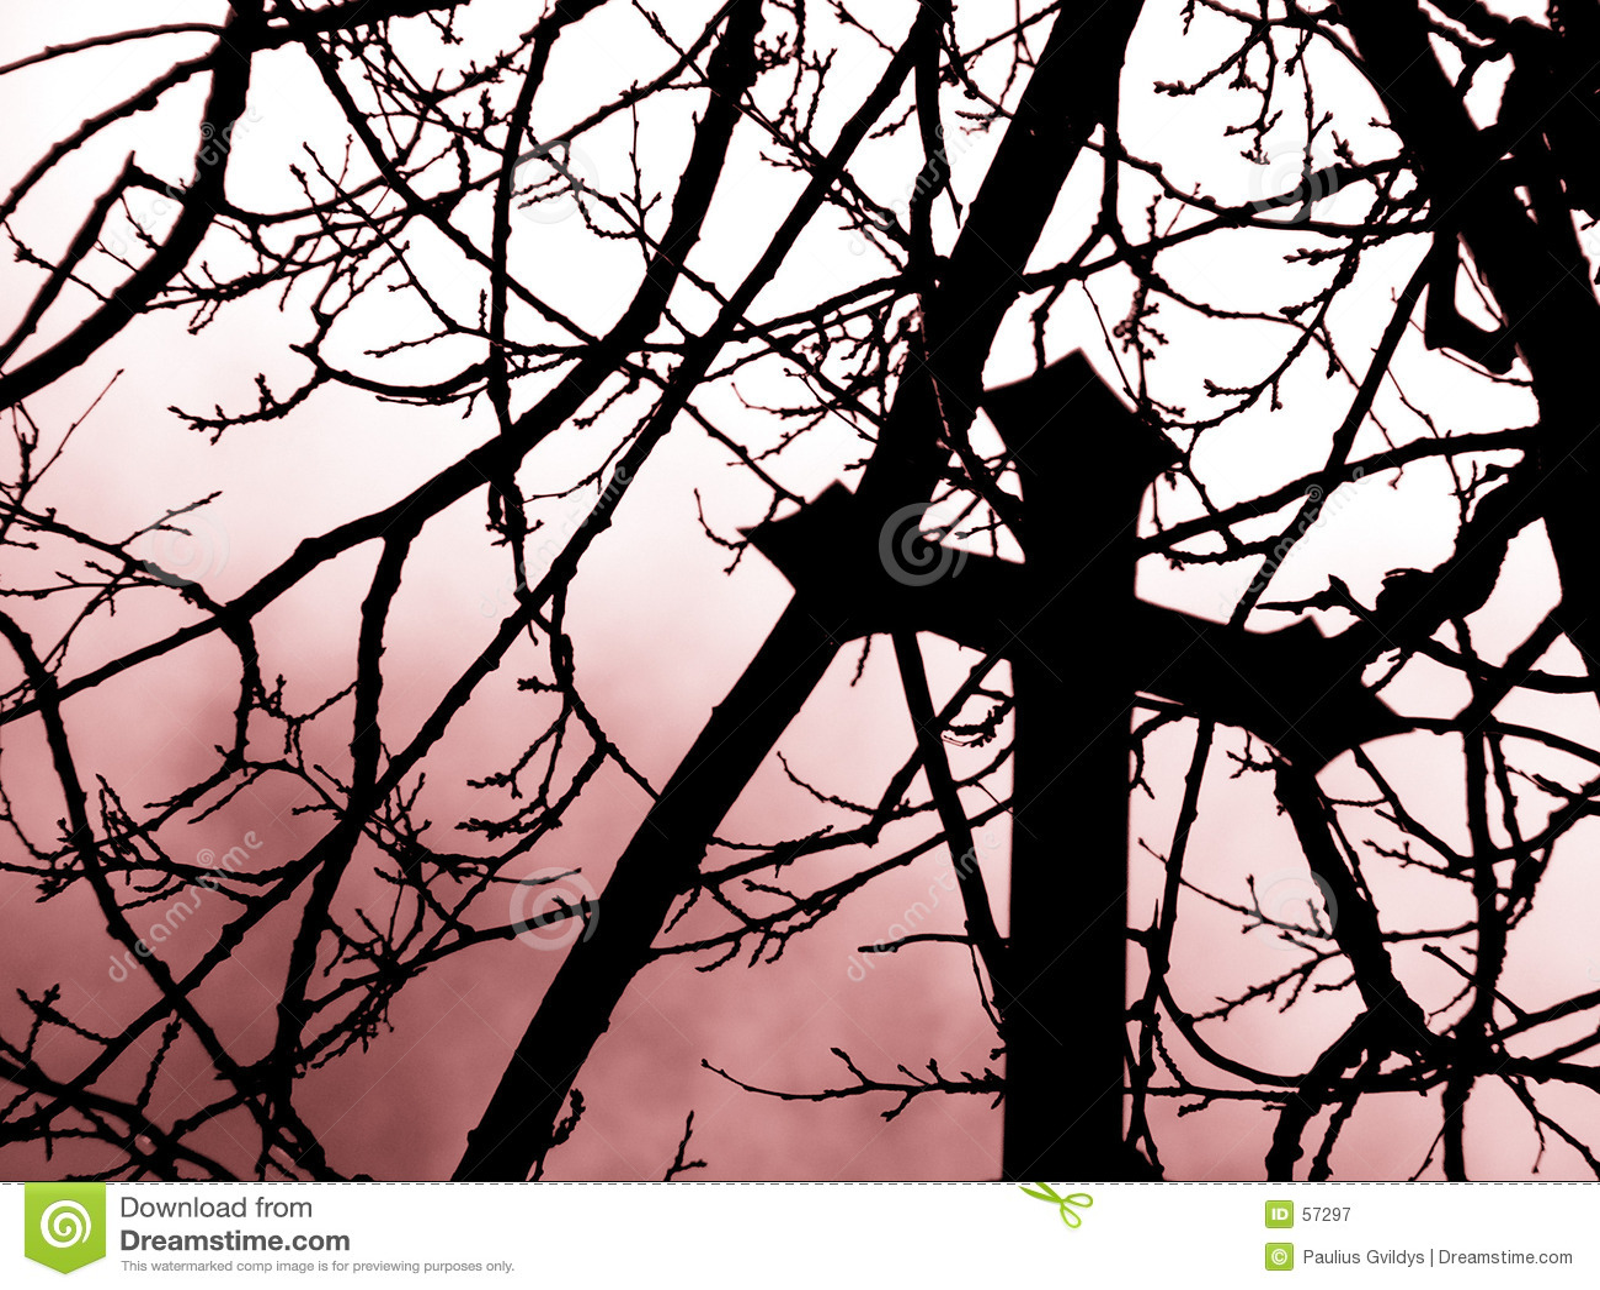 Download Douleur image stock. Image du ciel, branchement, perte, golgotha - 57297